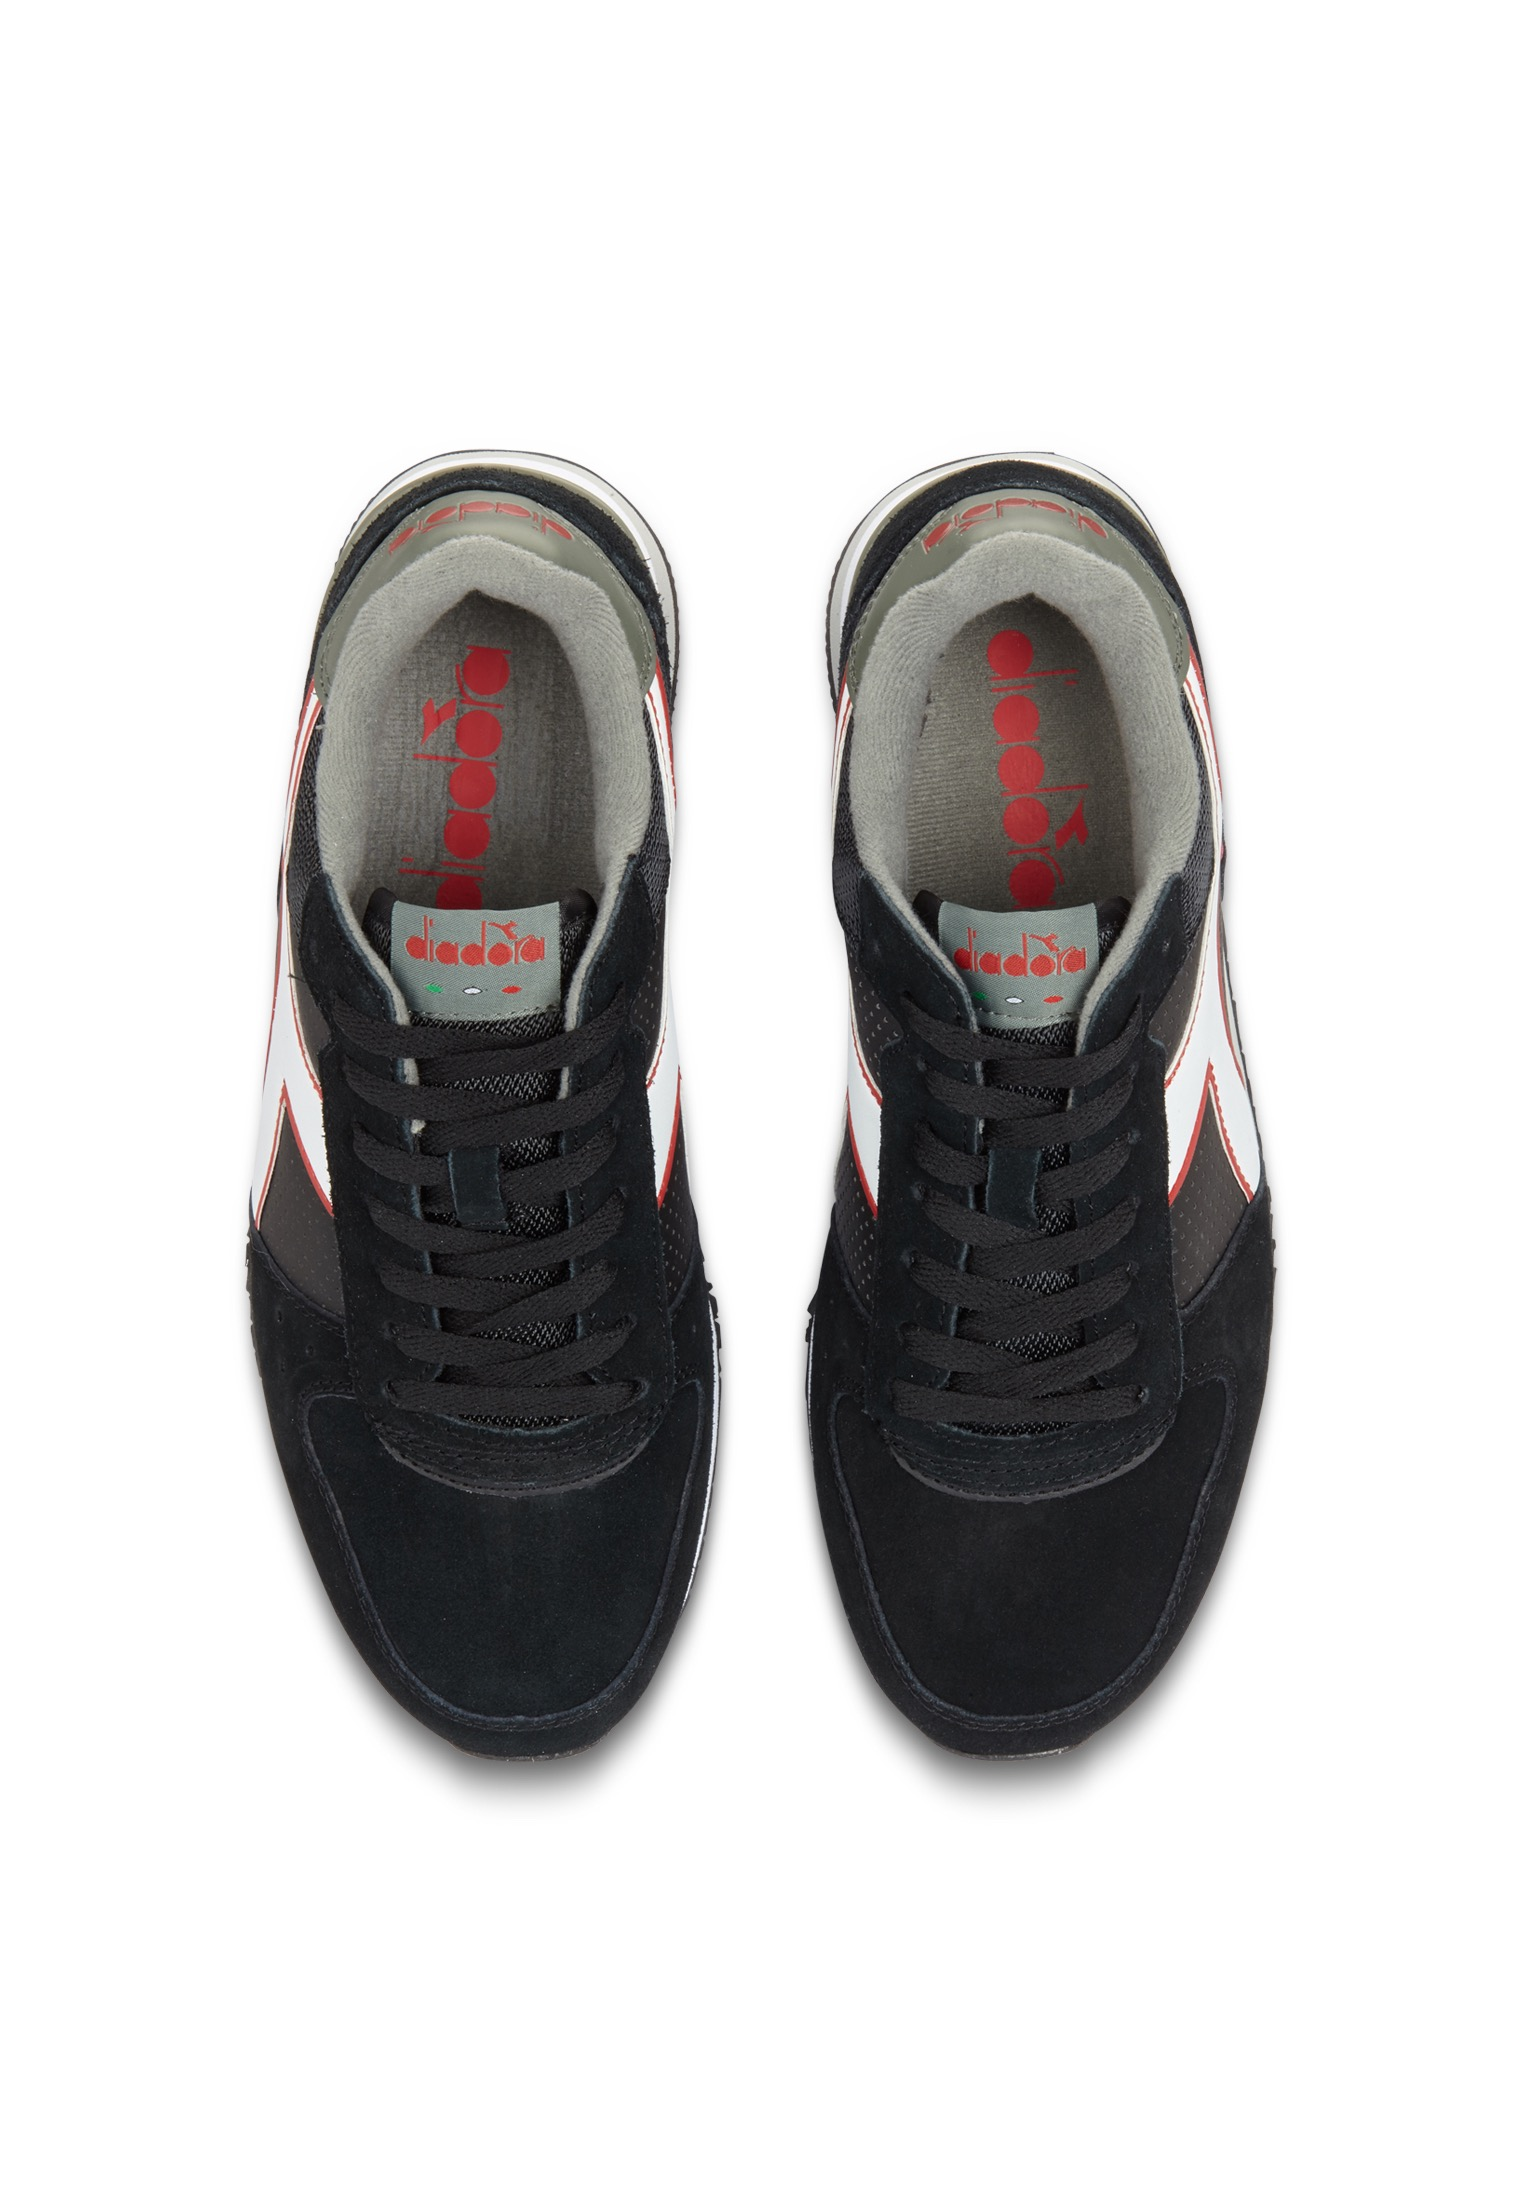 Diadora-Zapatillas-de-Deporte-MALONE-S-para-hombre-y-mujer miniatura 11